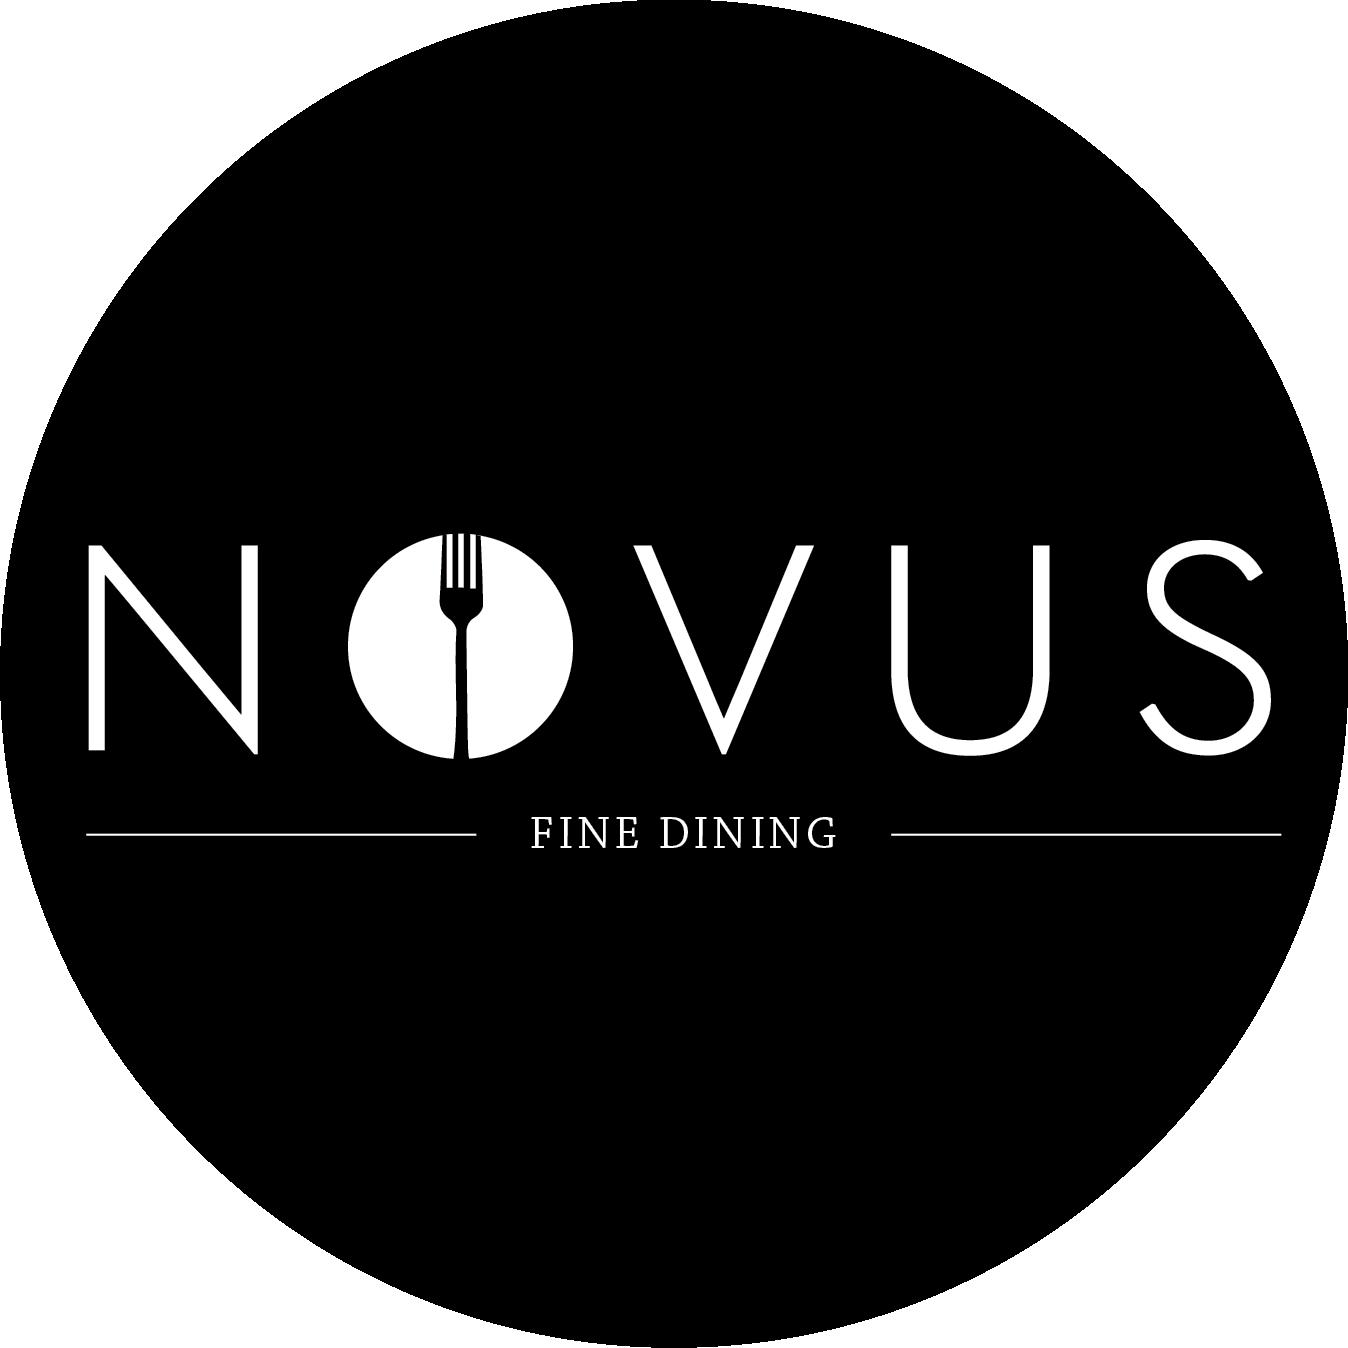 Novus Fine Dining